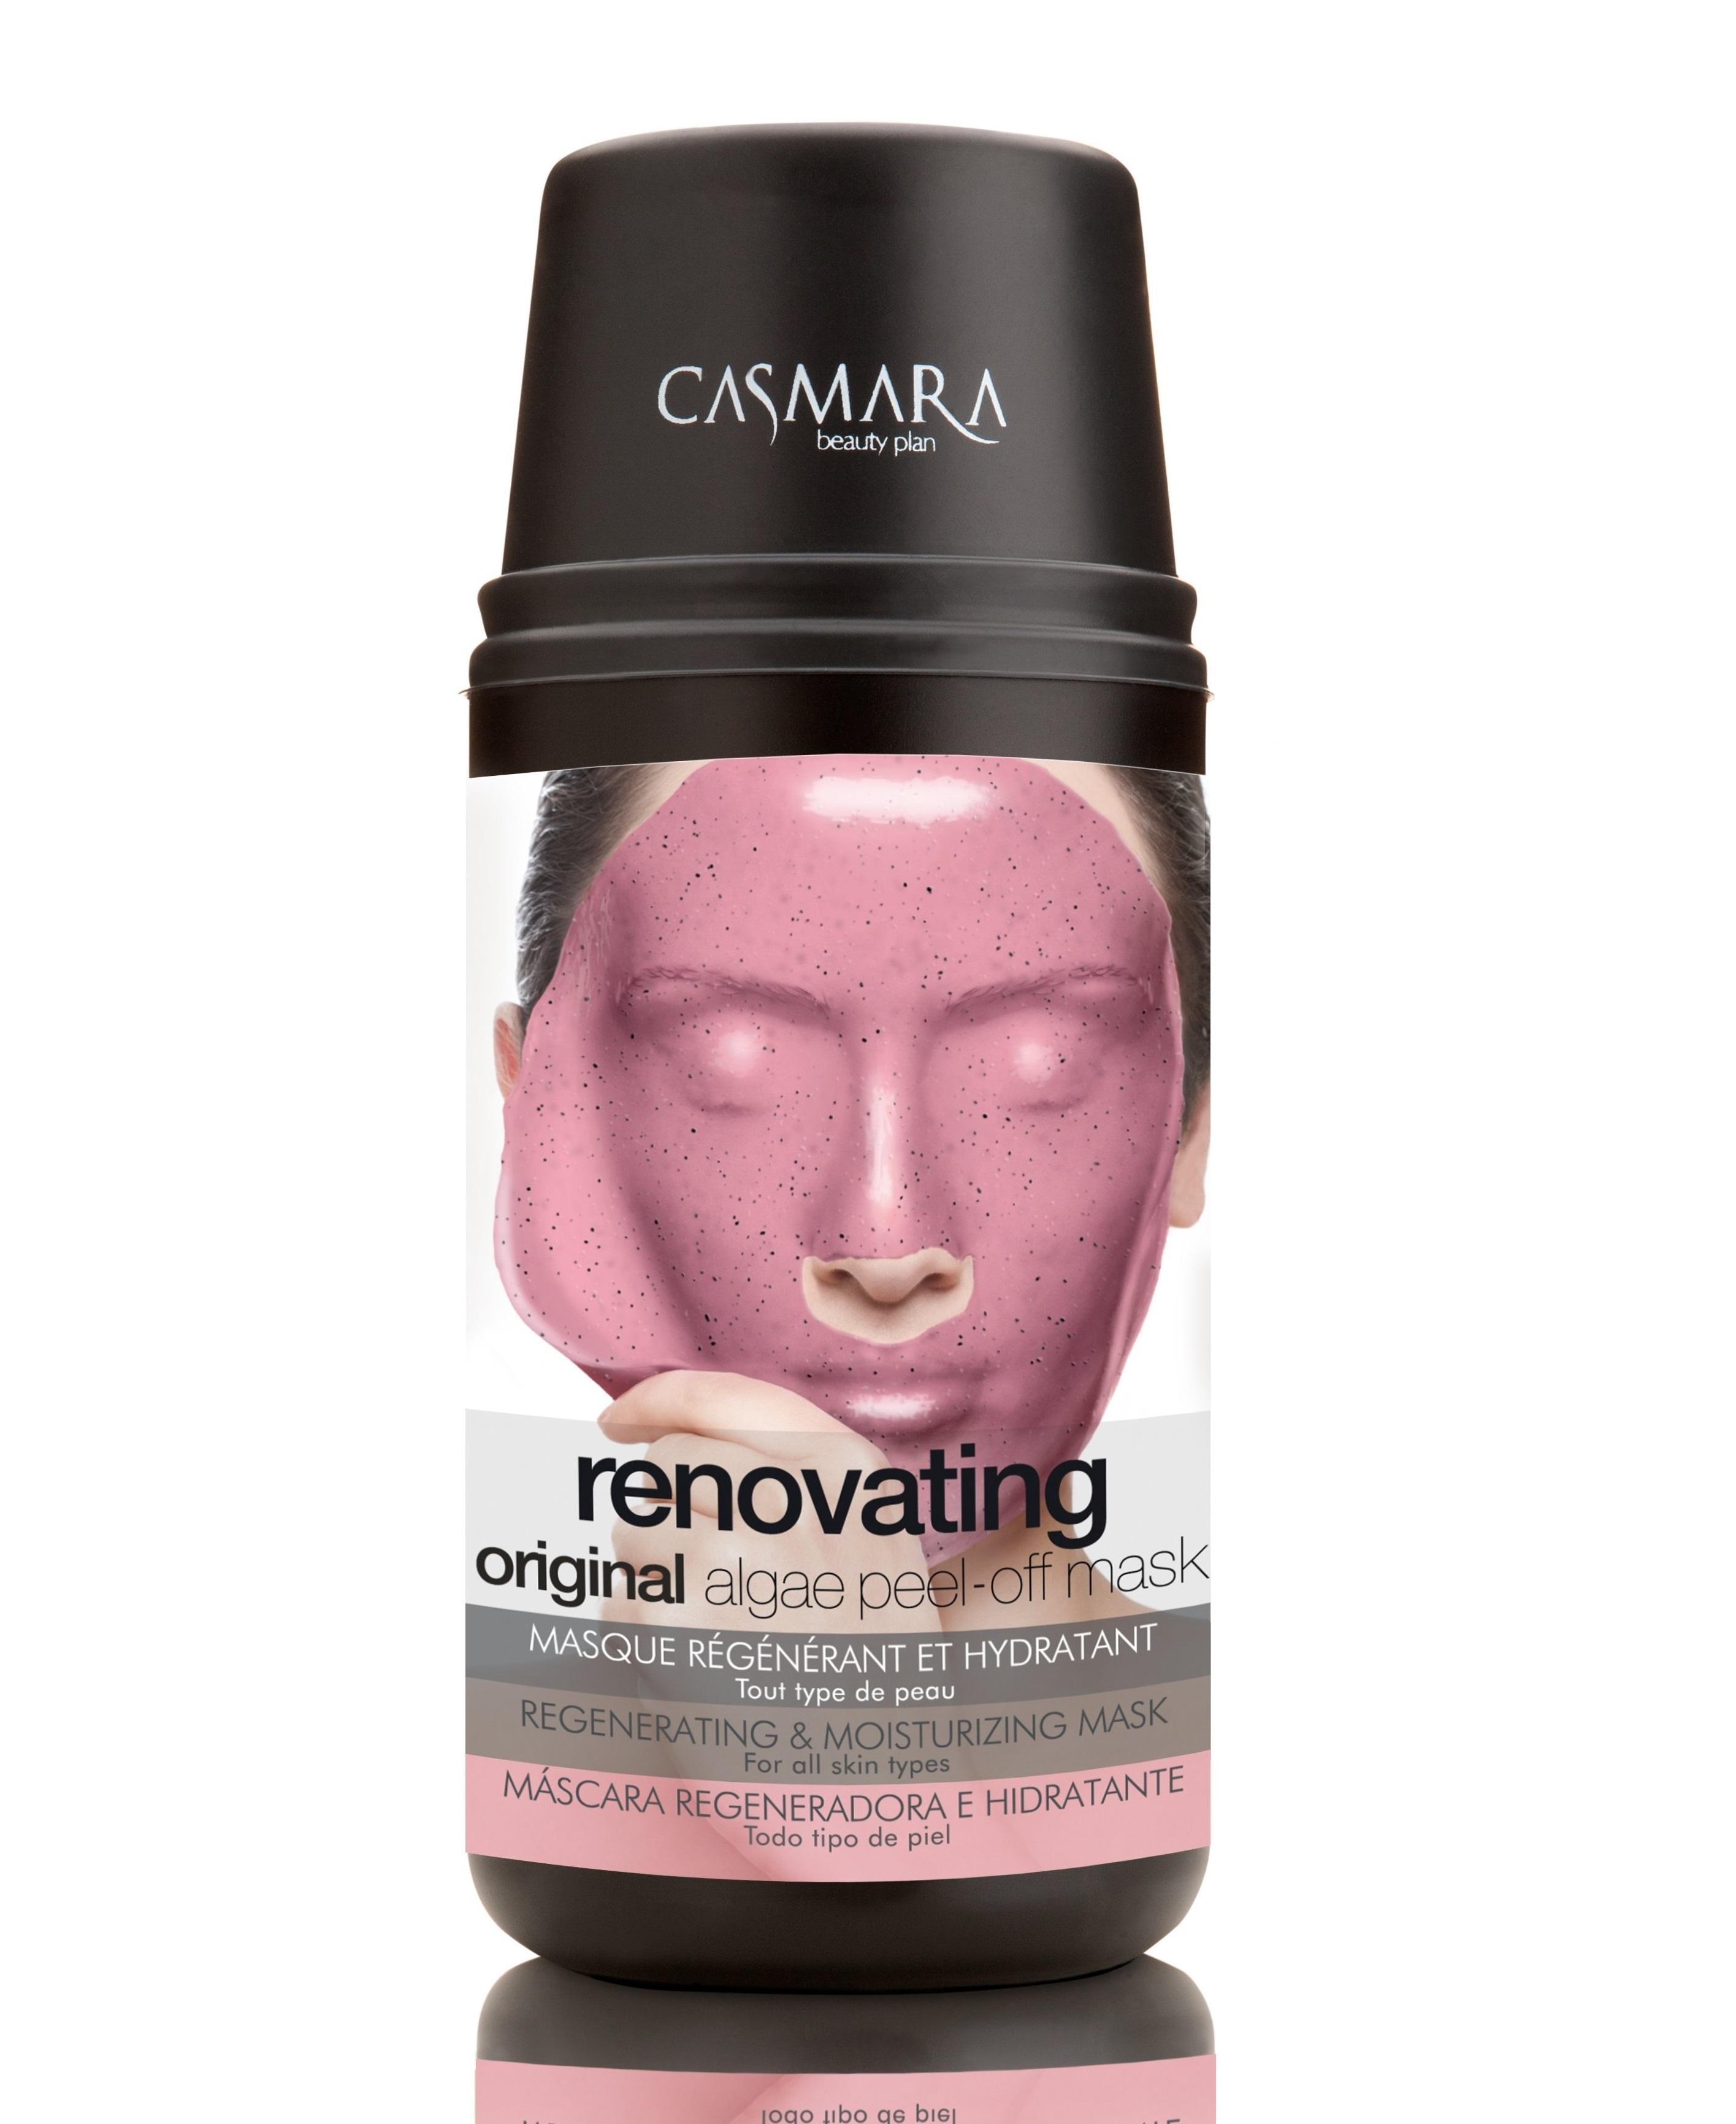 Купить CASMARA Набор Бьюти для лица Обновление (регенерирующая и увлажняющая маска 1 шт, регенерирующий крем для лица 4 мл)